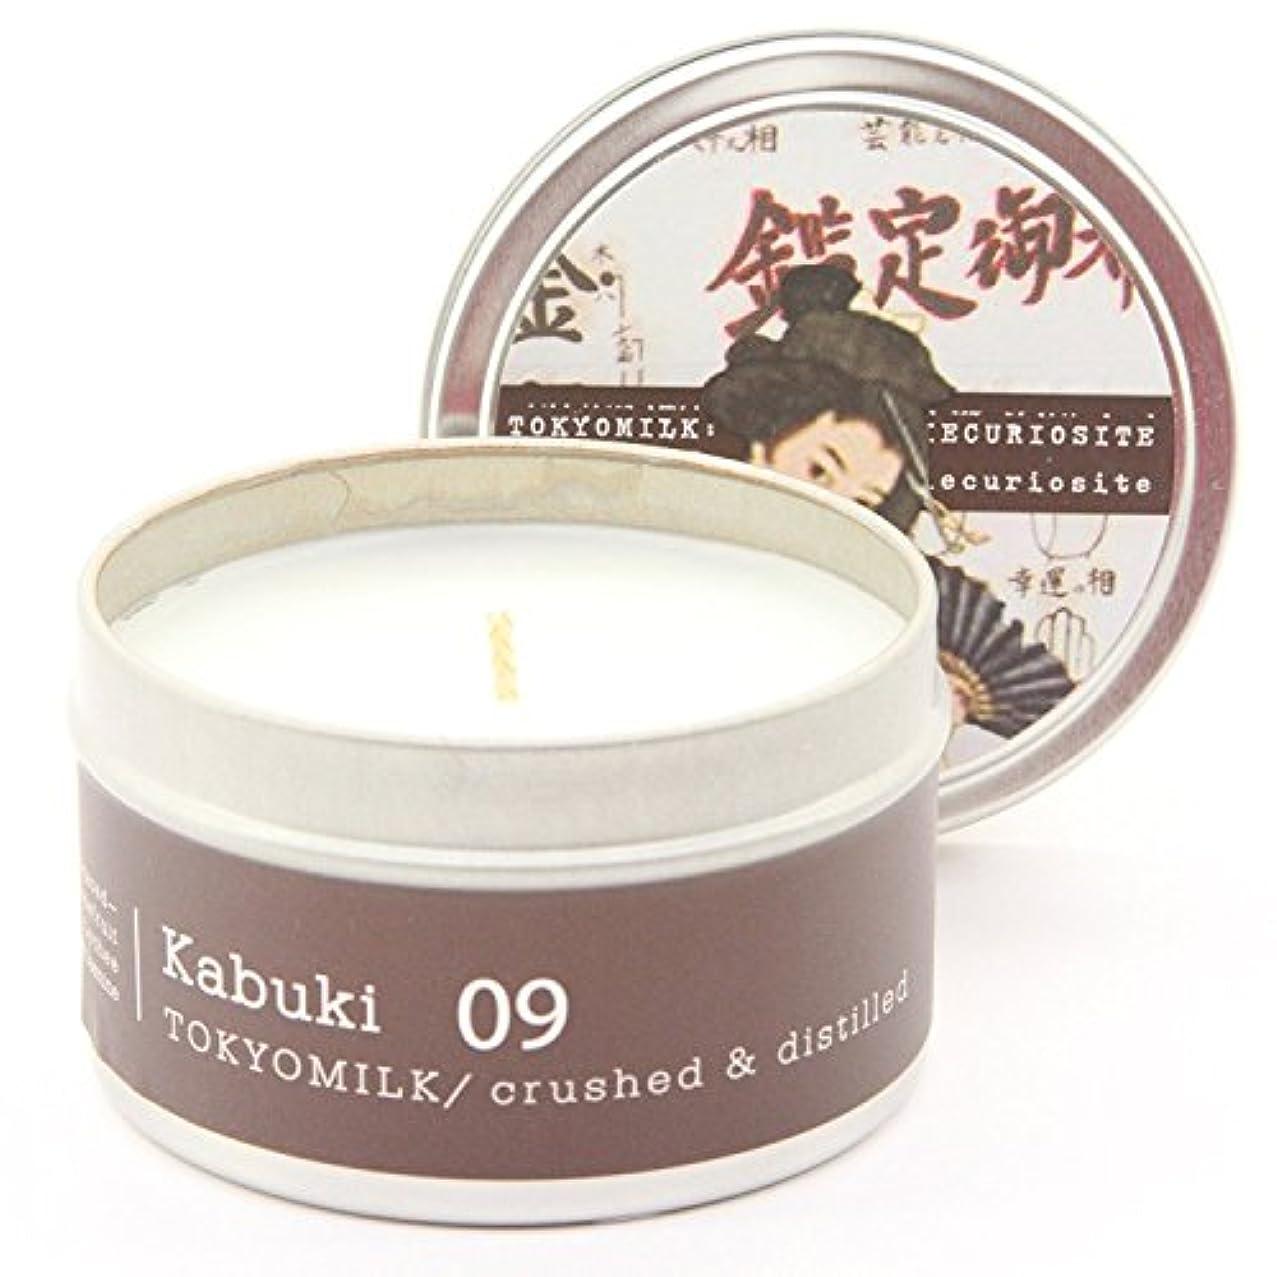 実業家ヒューマニスティック梨東京ミルク's 6 oz Tin Candle